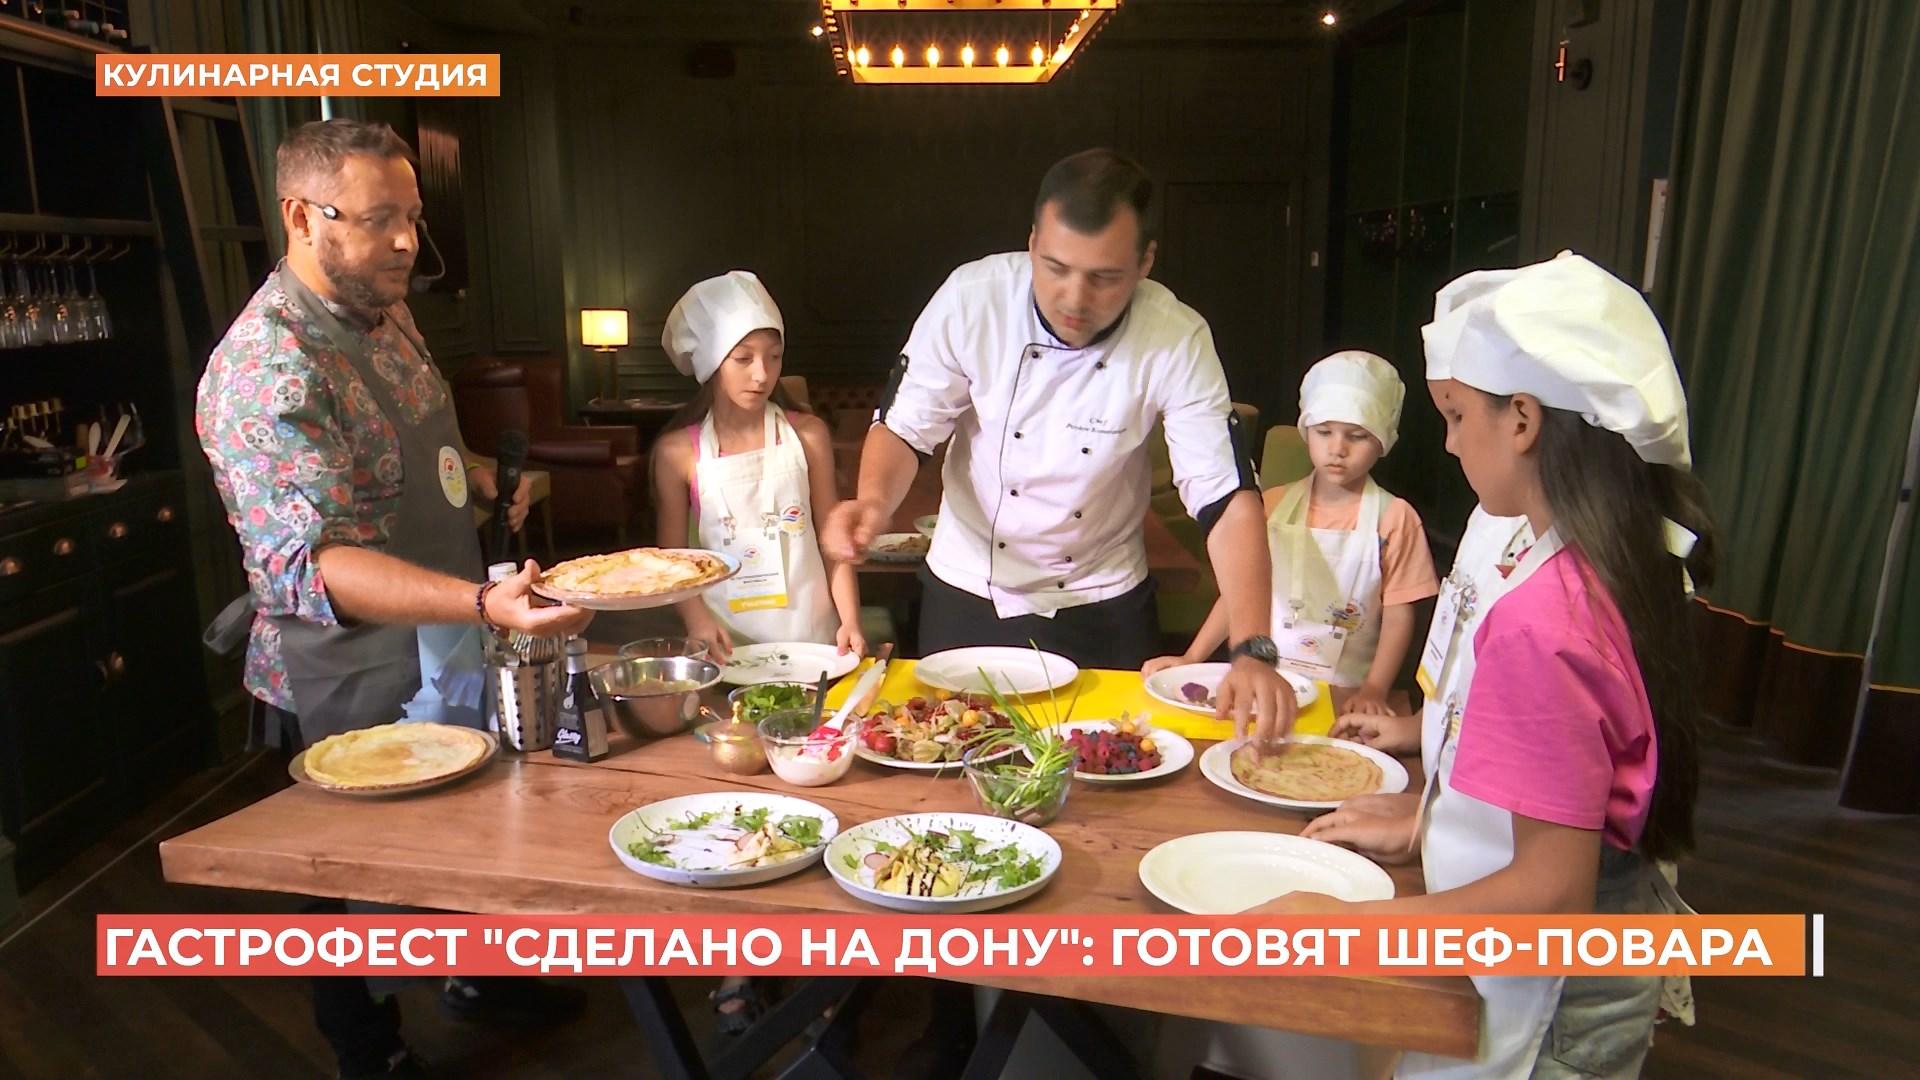 Битва шеф-поваров стала частью гастрономического фестиваля «Сделано на Дону»